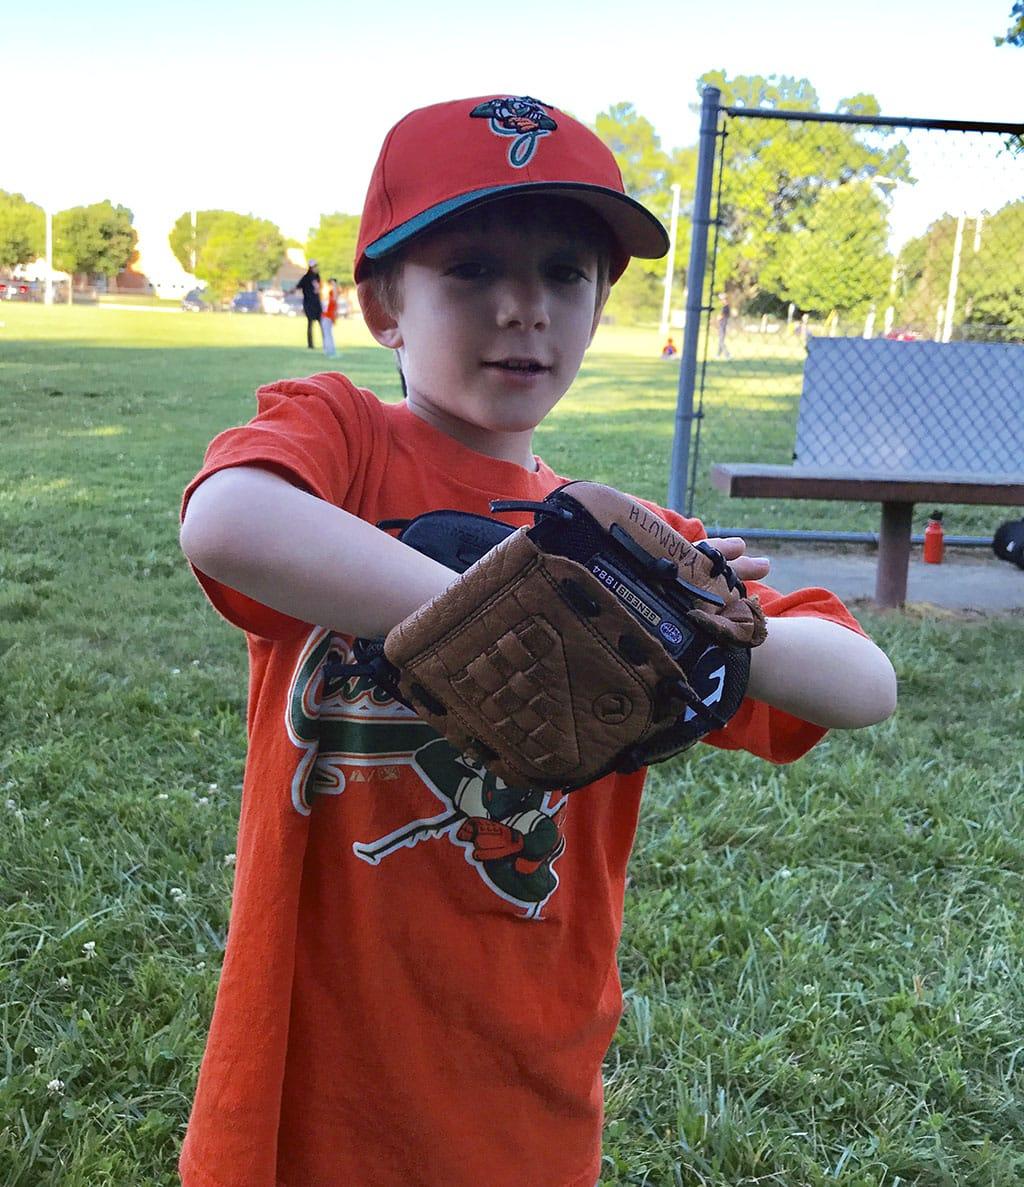 Jake Playing Baseball